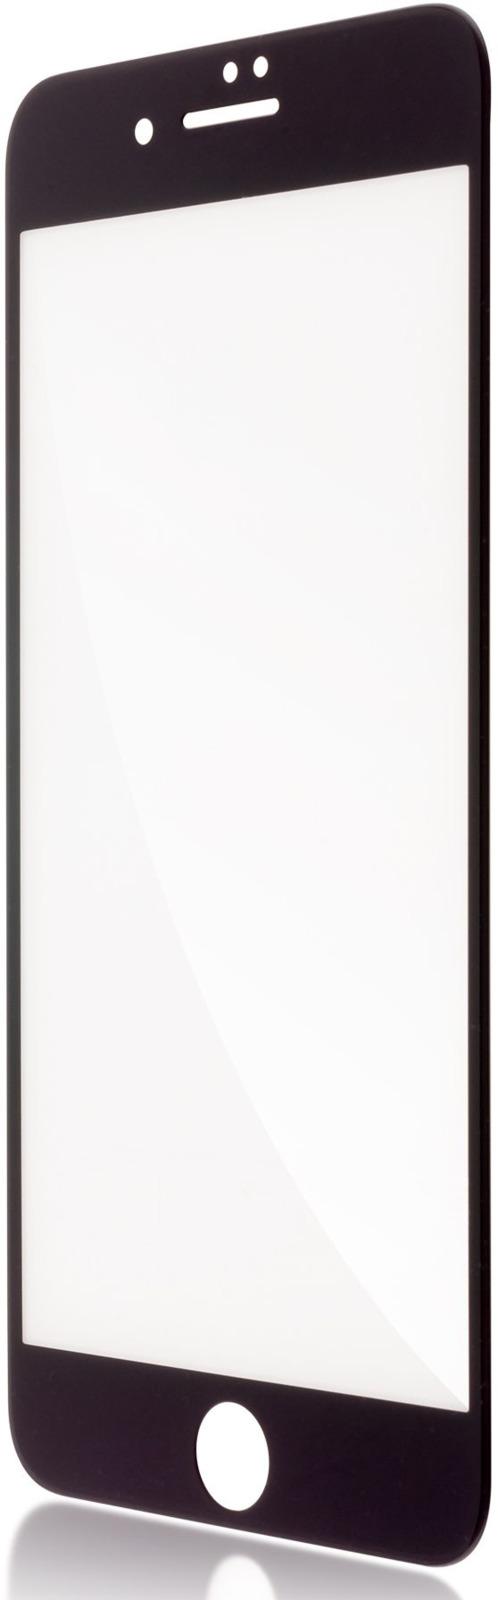 Защитное стекло Brosco 3D для Apple iPhone 7 Plus, черный